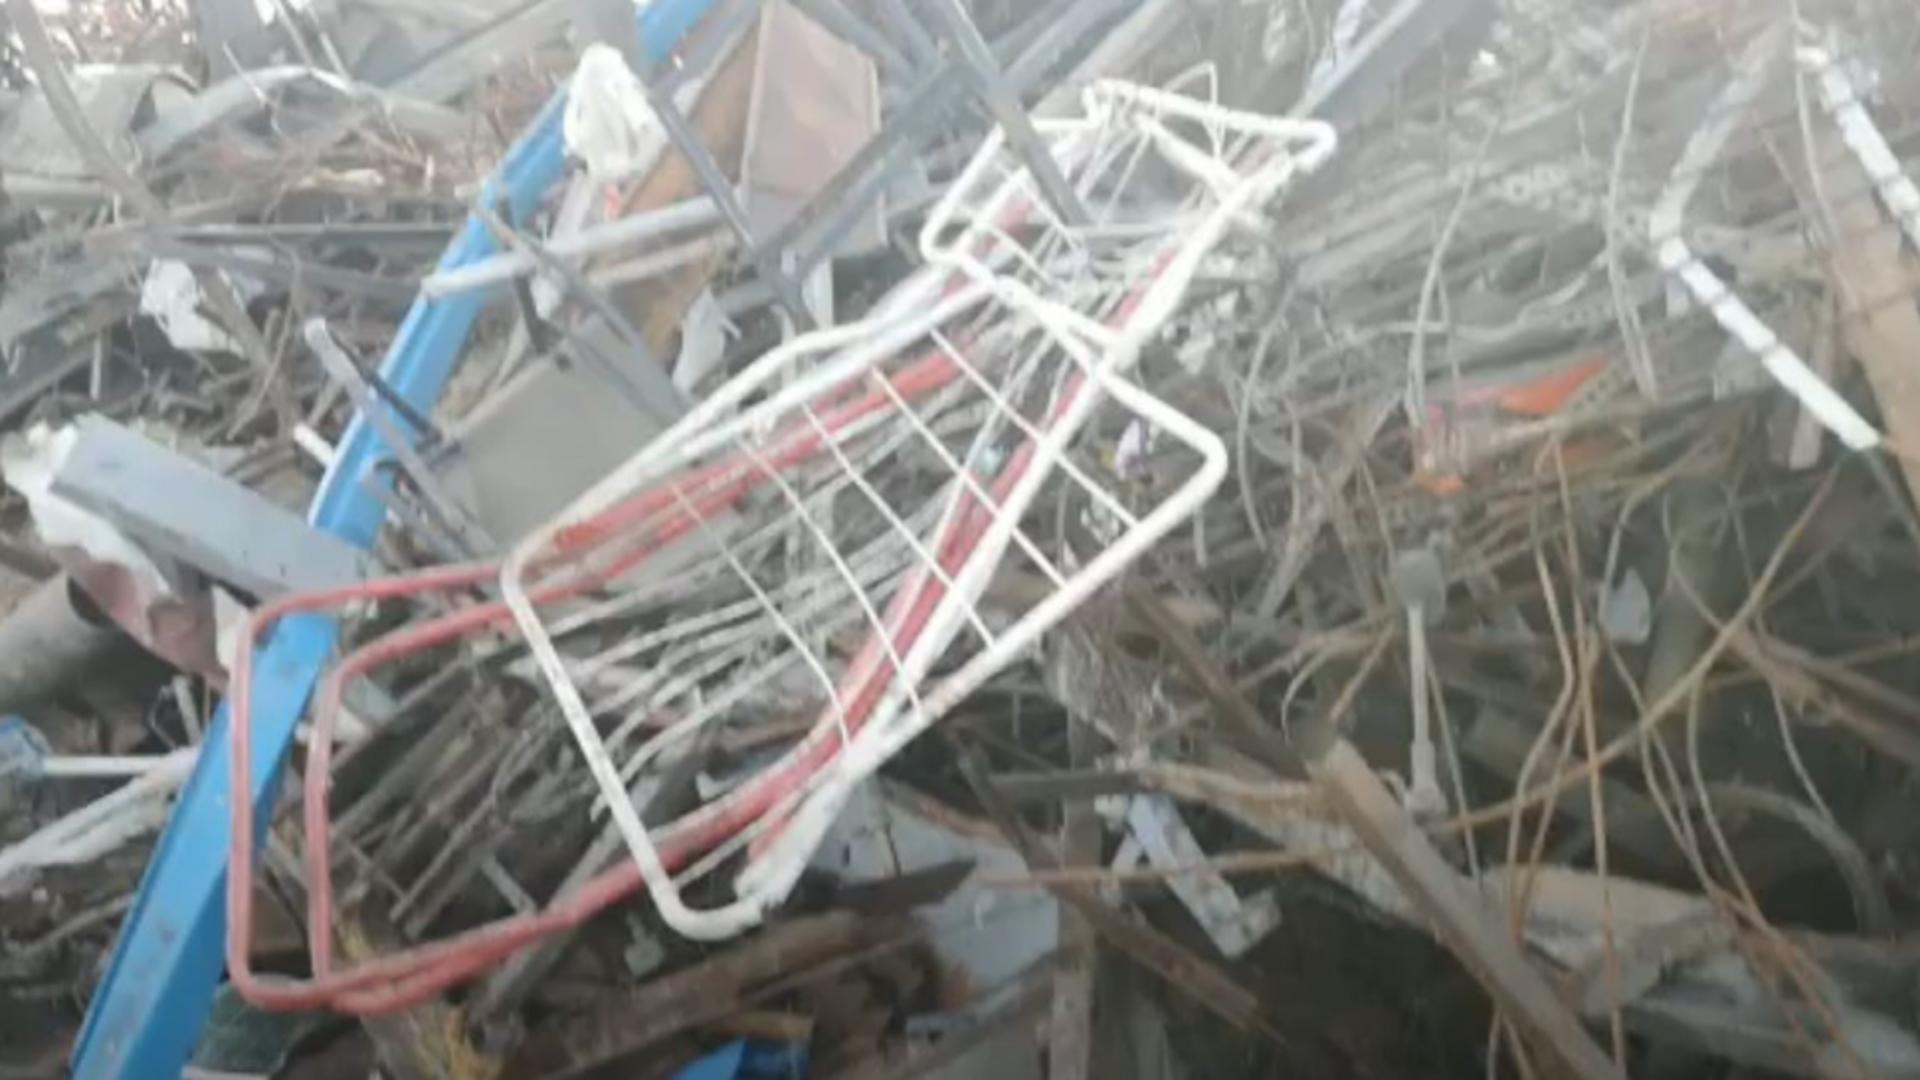 Barjă cu deșeuri, descoperită de Garda de Mediu Constanța. Captură video